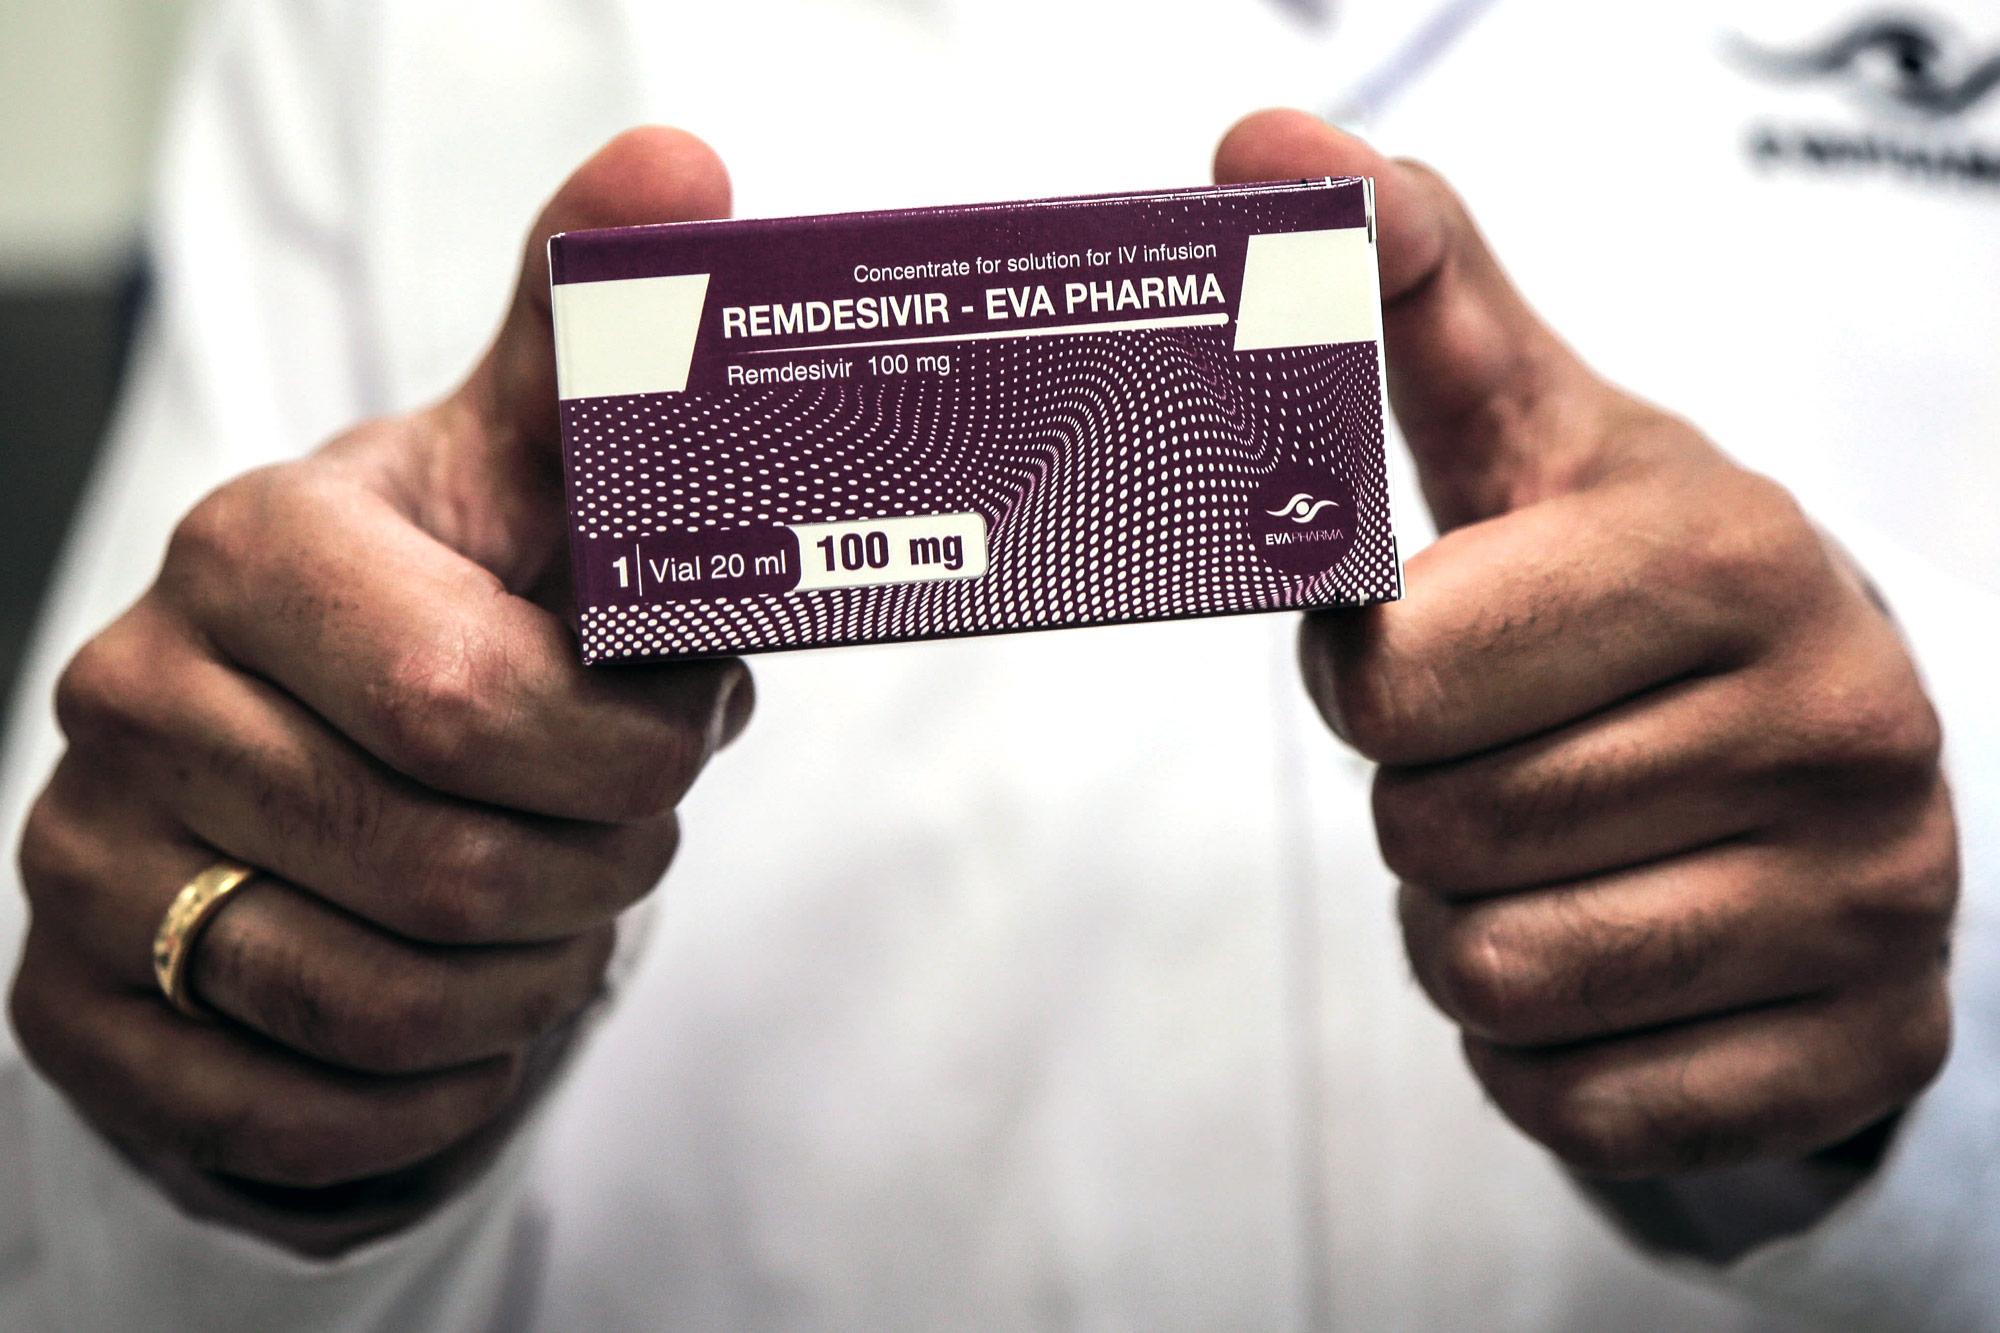 remdesivir-eva-pharma